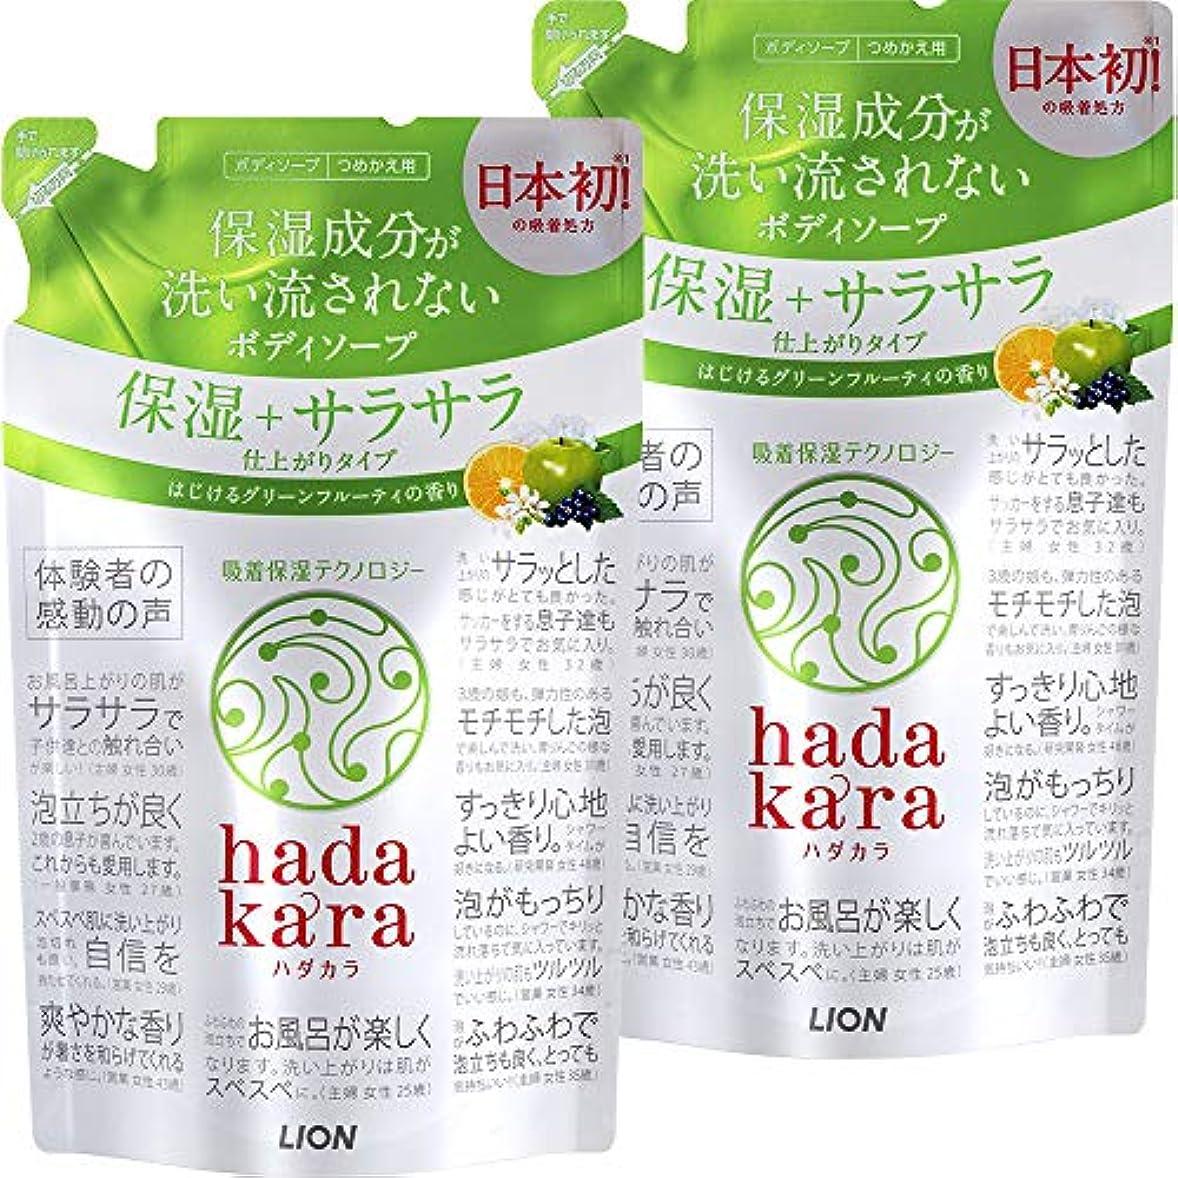 識別愛撫側面【まとめ買い】hadakara(ハダカラ) ボディソープ 保湿+サラサラ仕上がりタイプ グリーンフルーティの香り 詰め替え 340ml×2個パック